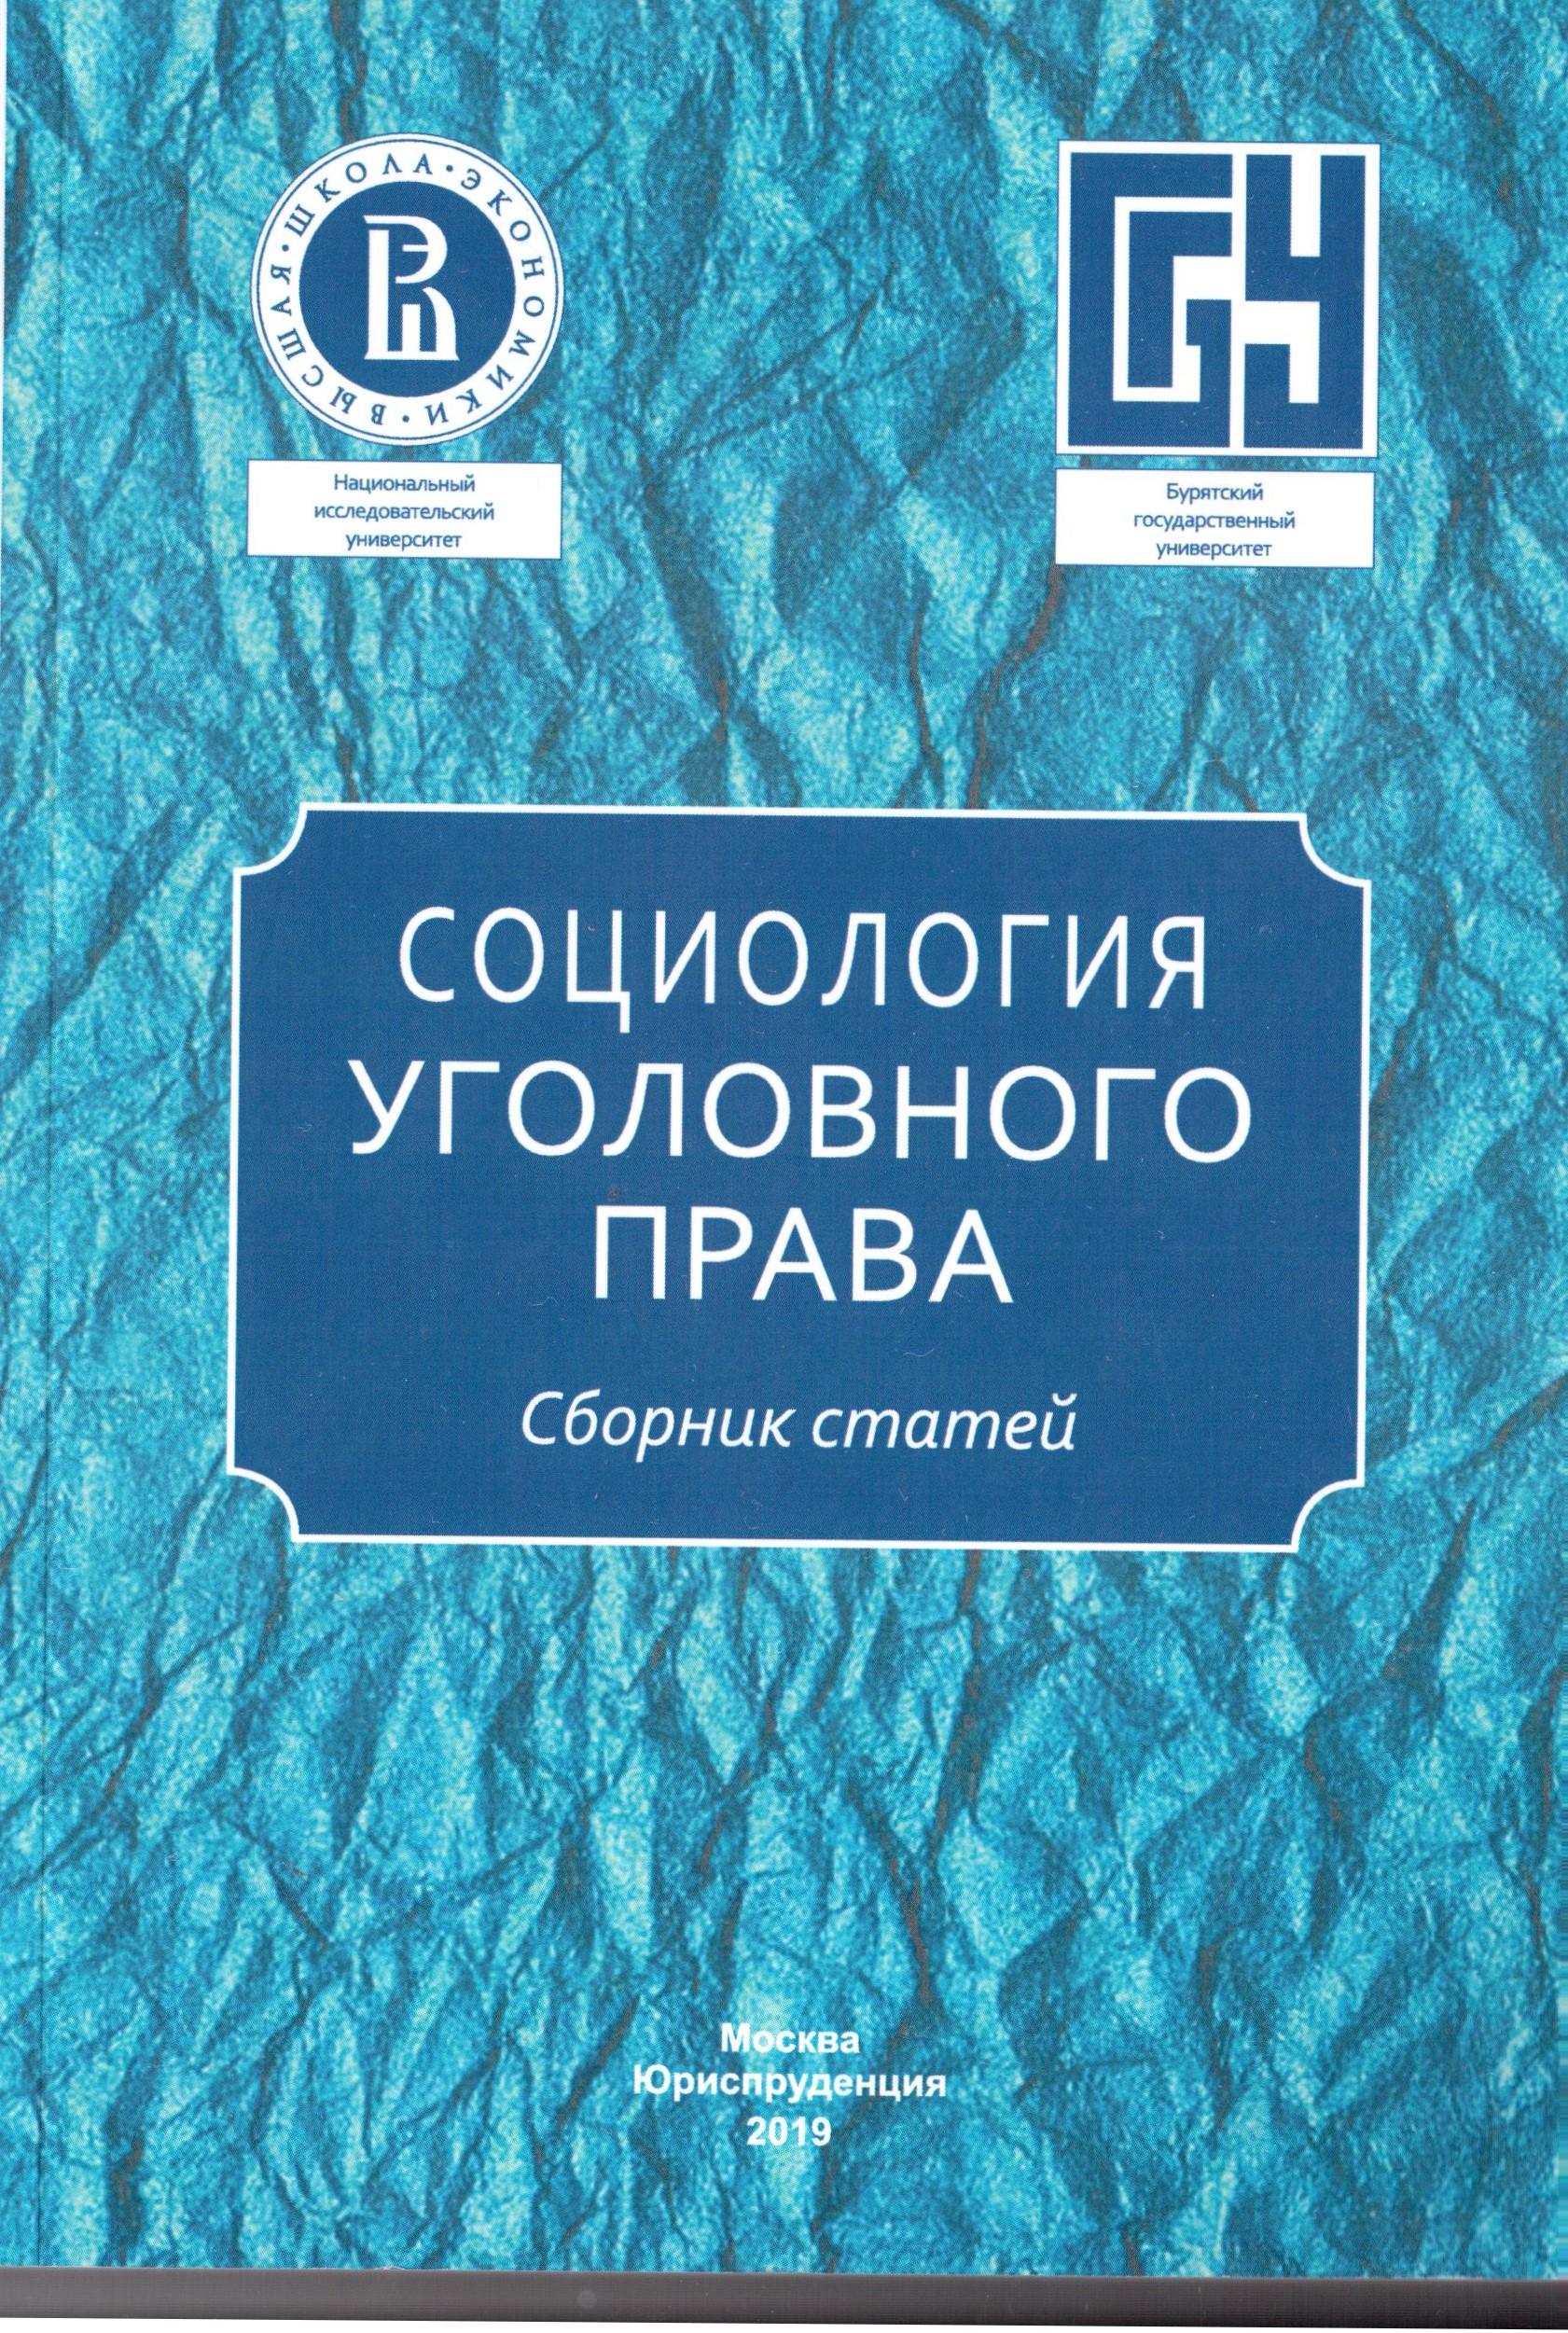 Антикоррупционный комплаенс в организациях: причины внедрения и роль в предупреждении преступлений коррупционной направленности